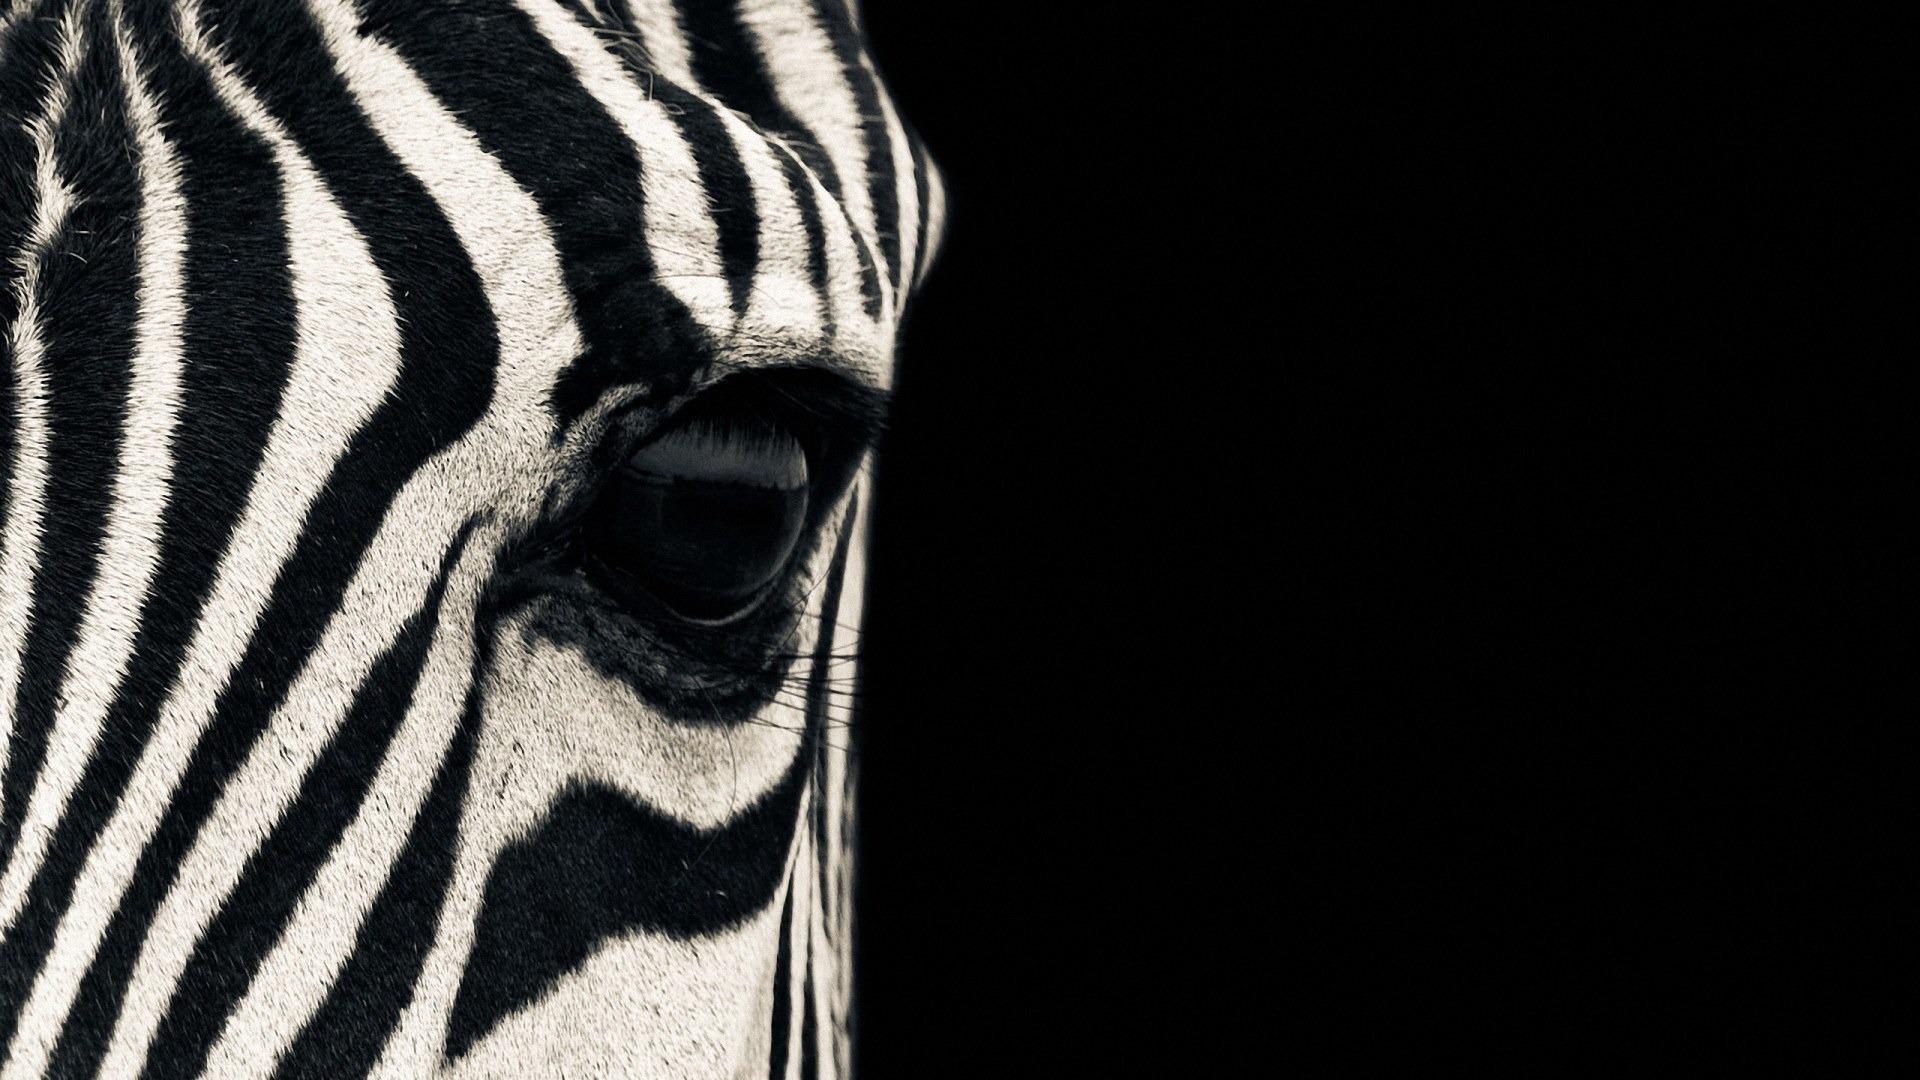 Zebra Wallpapers, Pict...